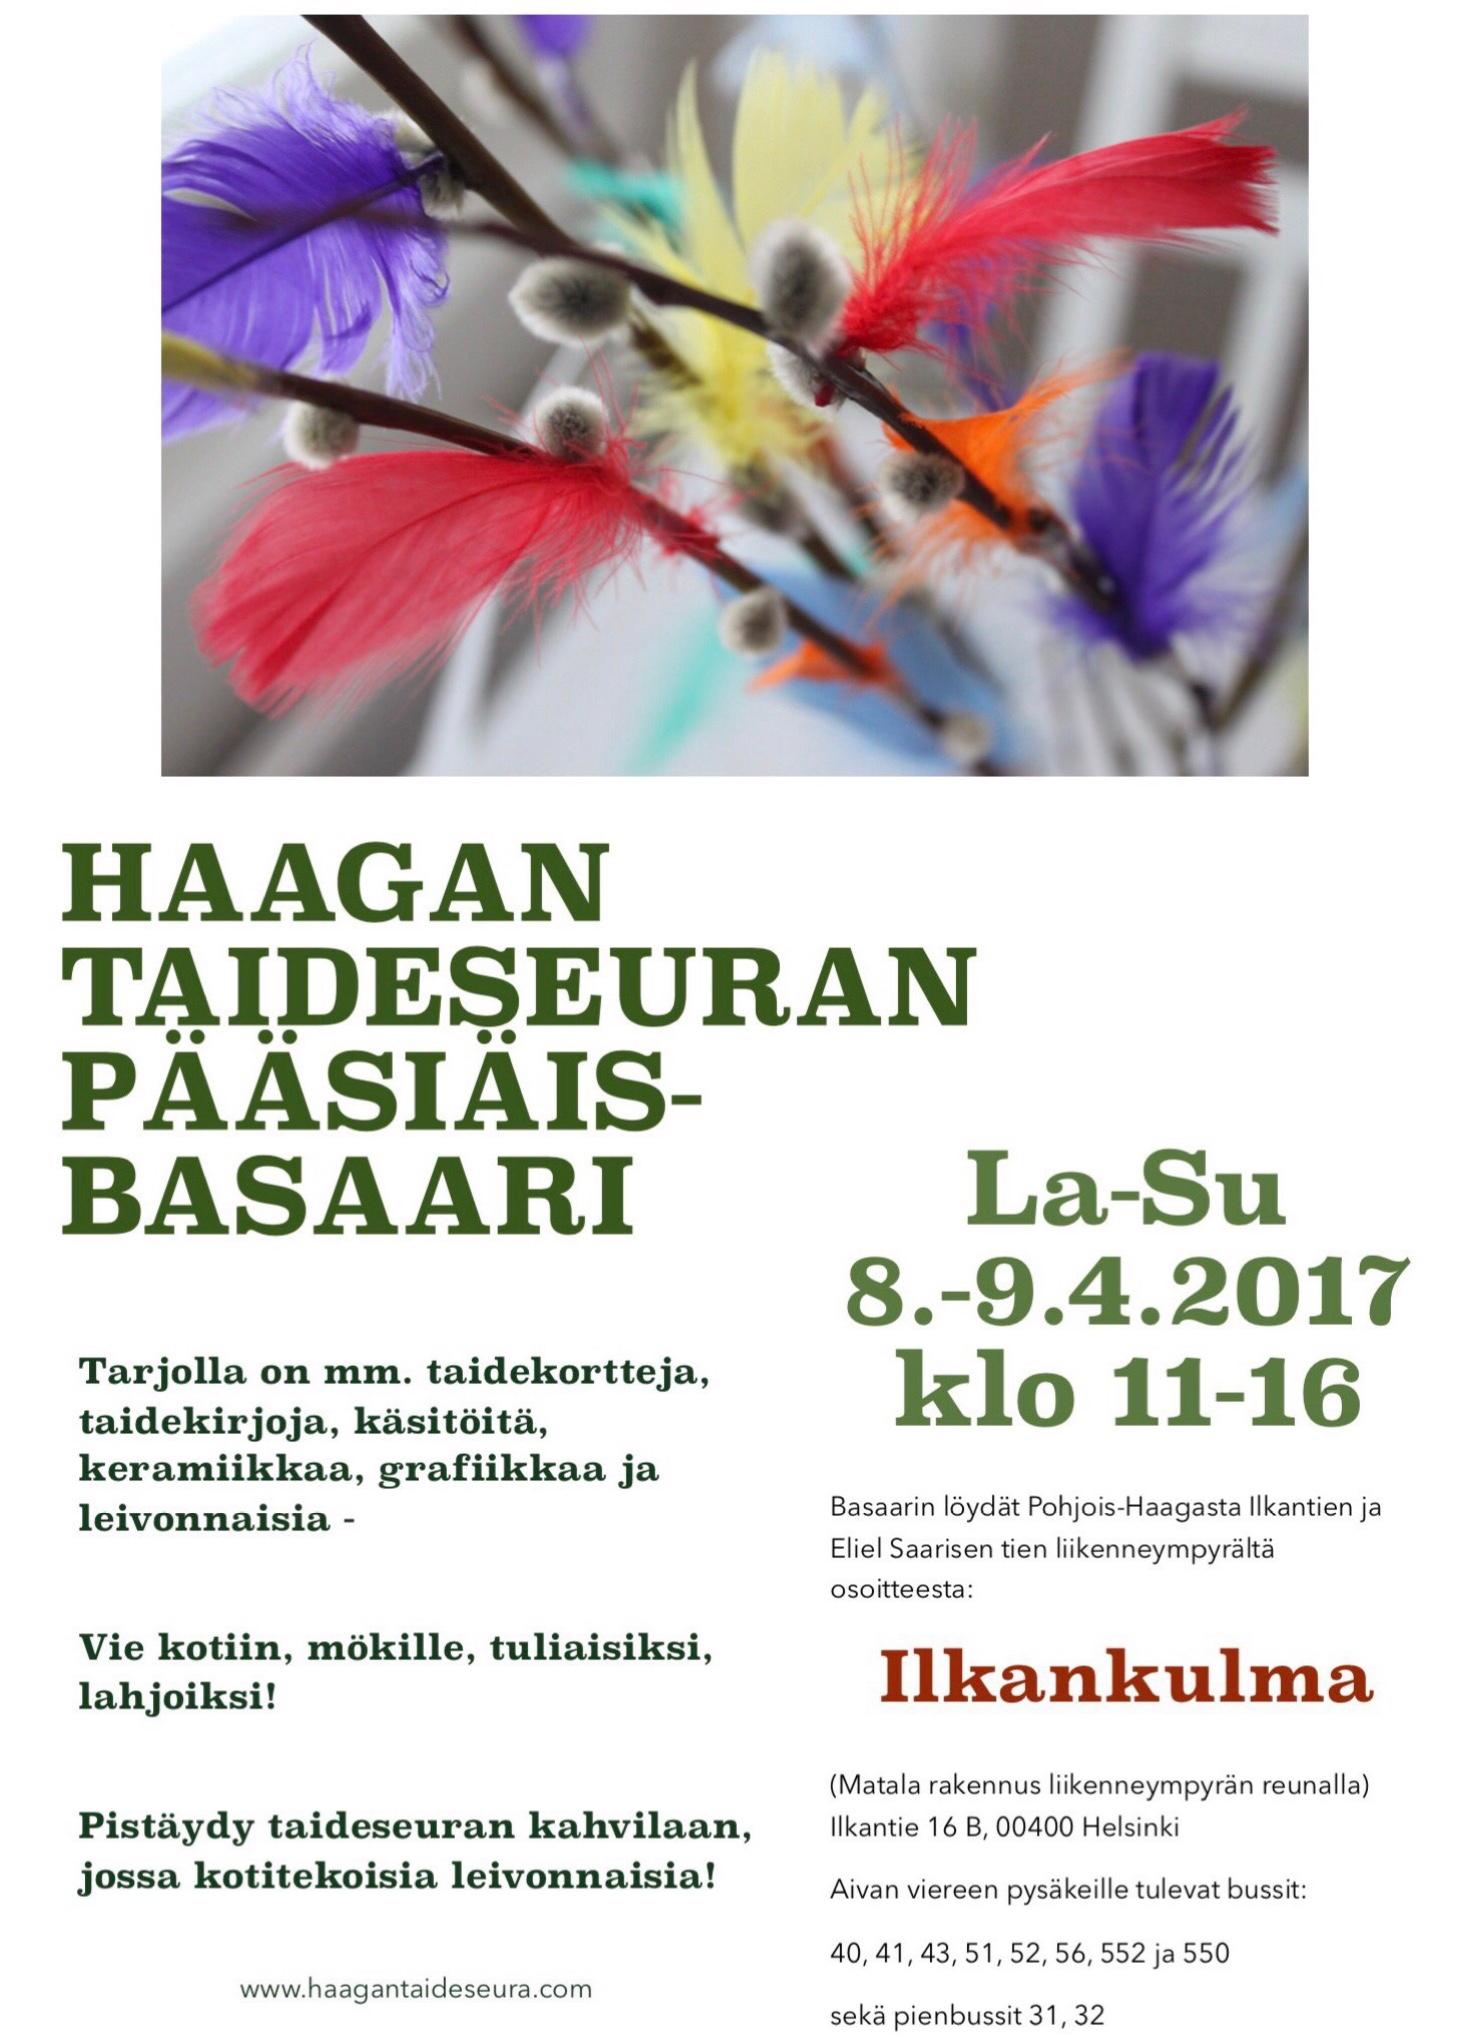 Haagan Taideseuran pääsiäisbasaari 2017